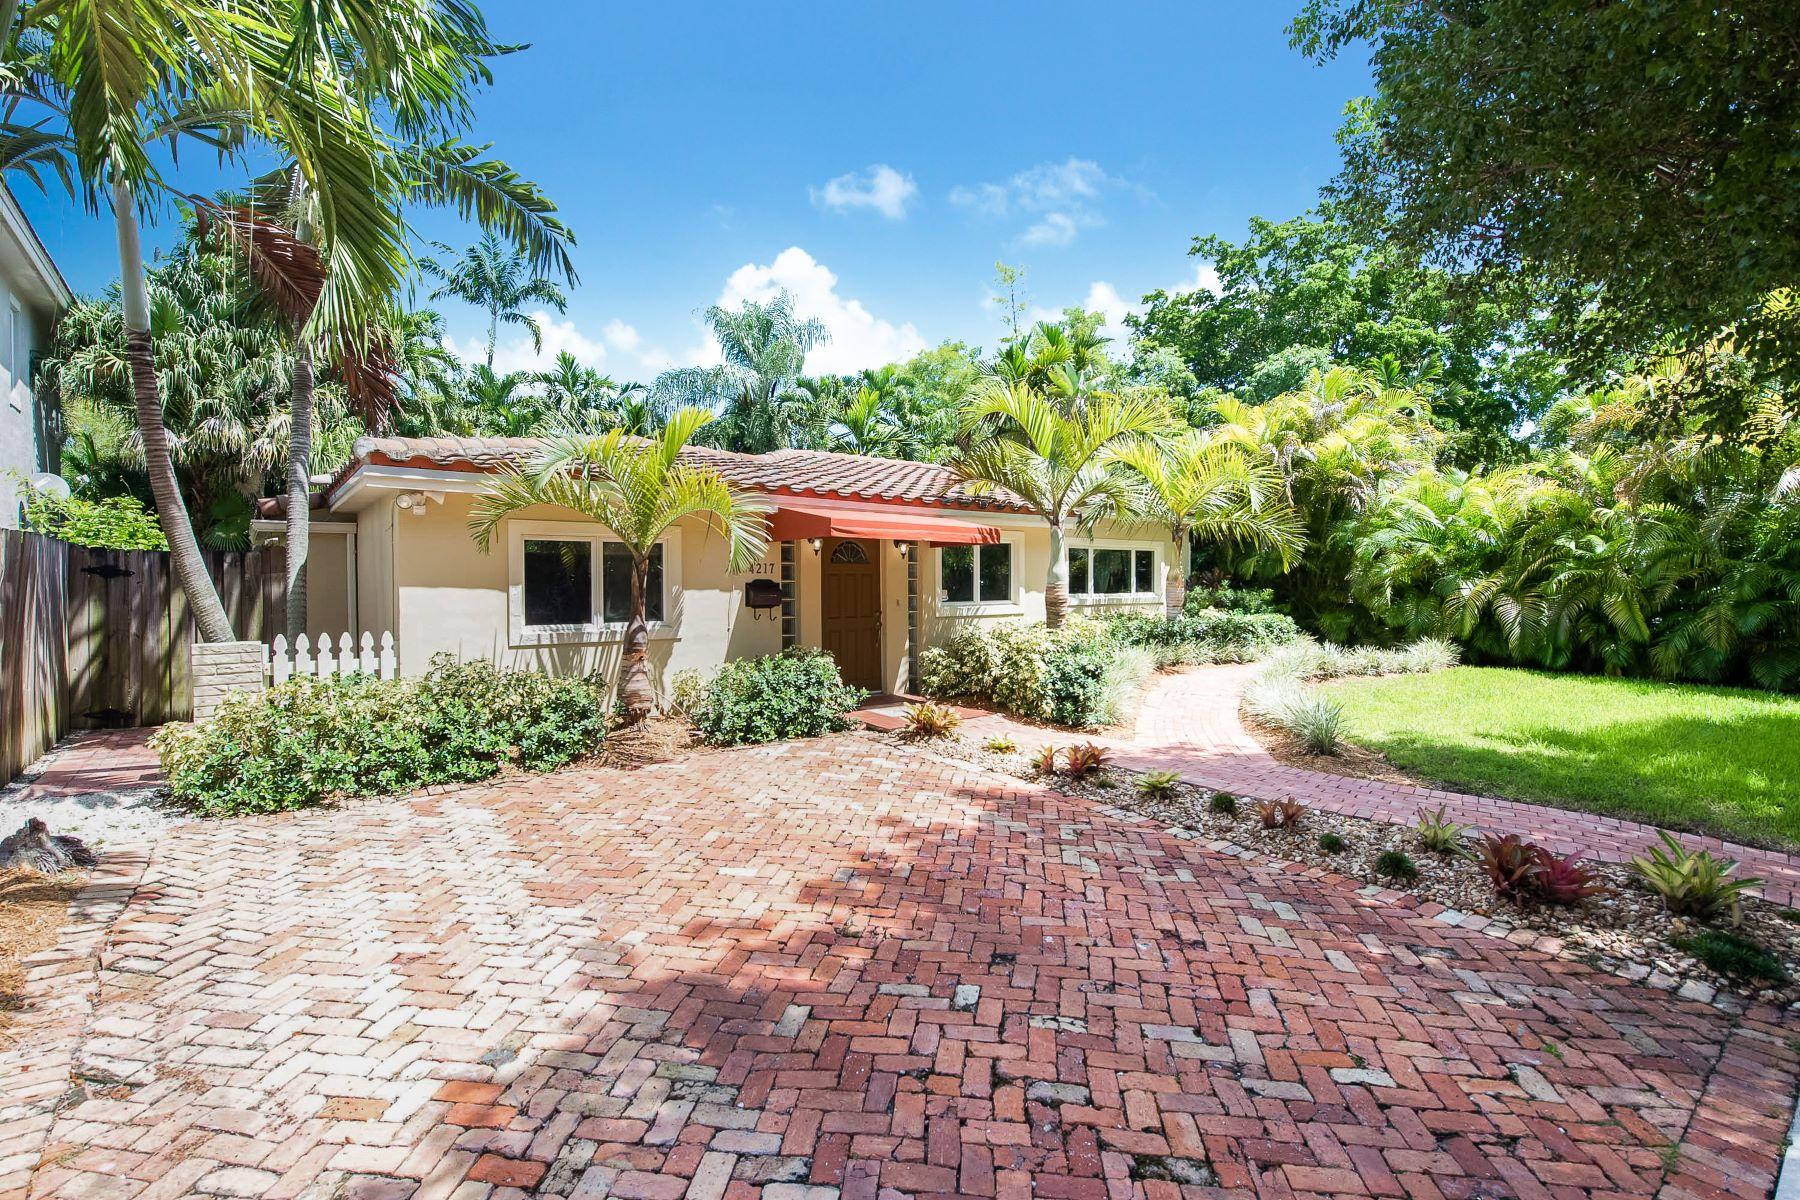 独户住宅 为 销售 在 4217 Anne Ct 迈阿密, 佛罗里达州, 33133 美国